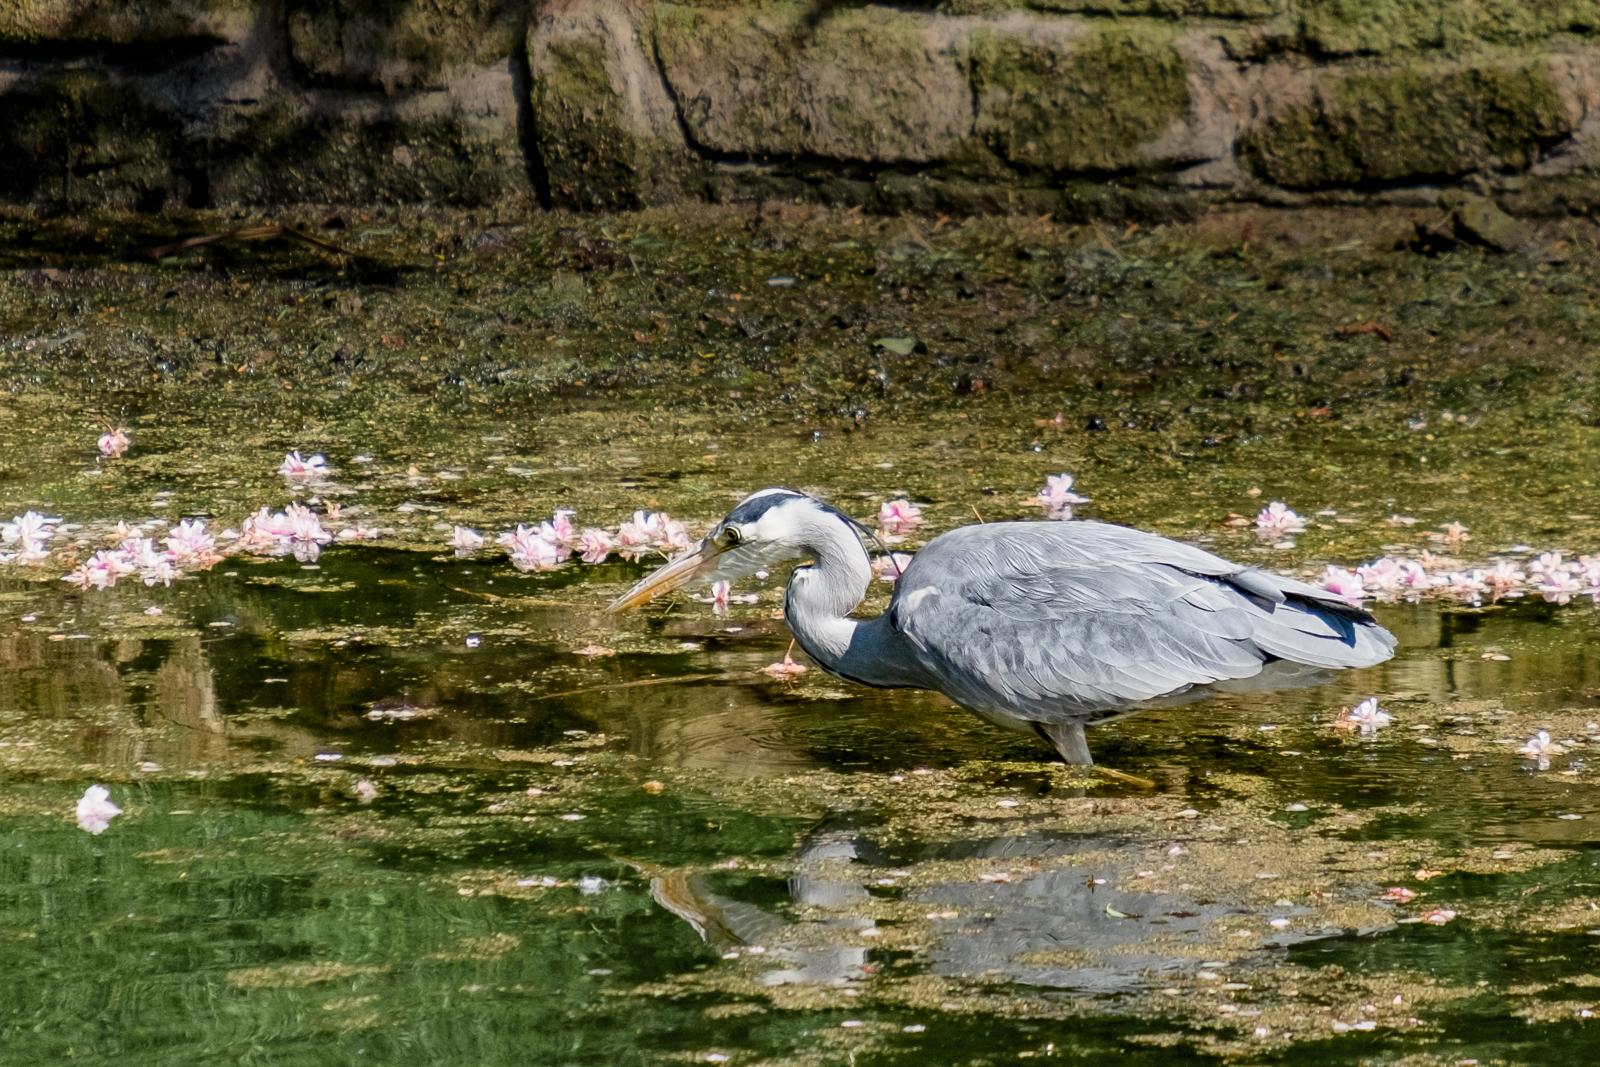 Heron in Sefton_no watermark